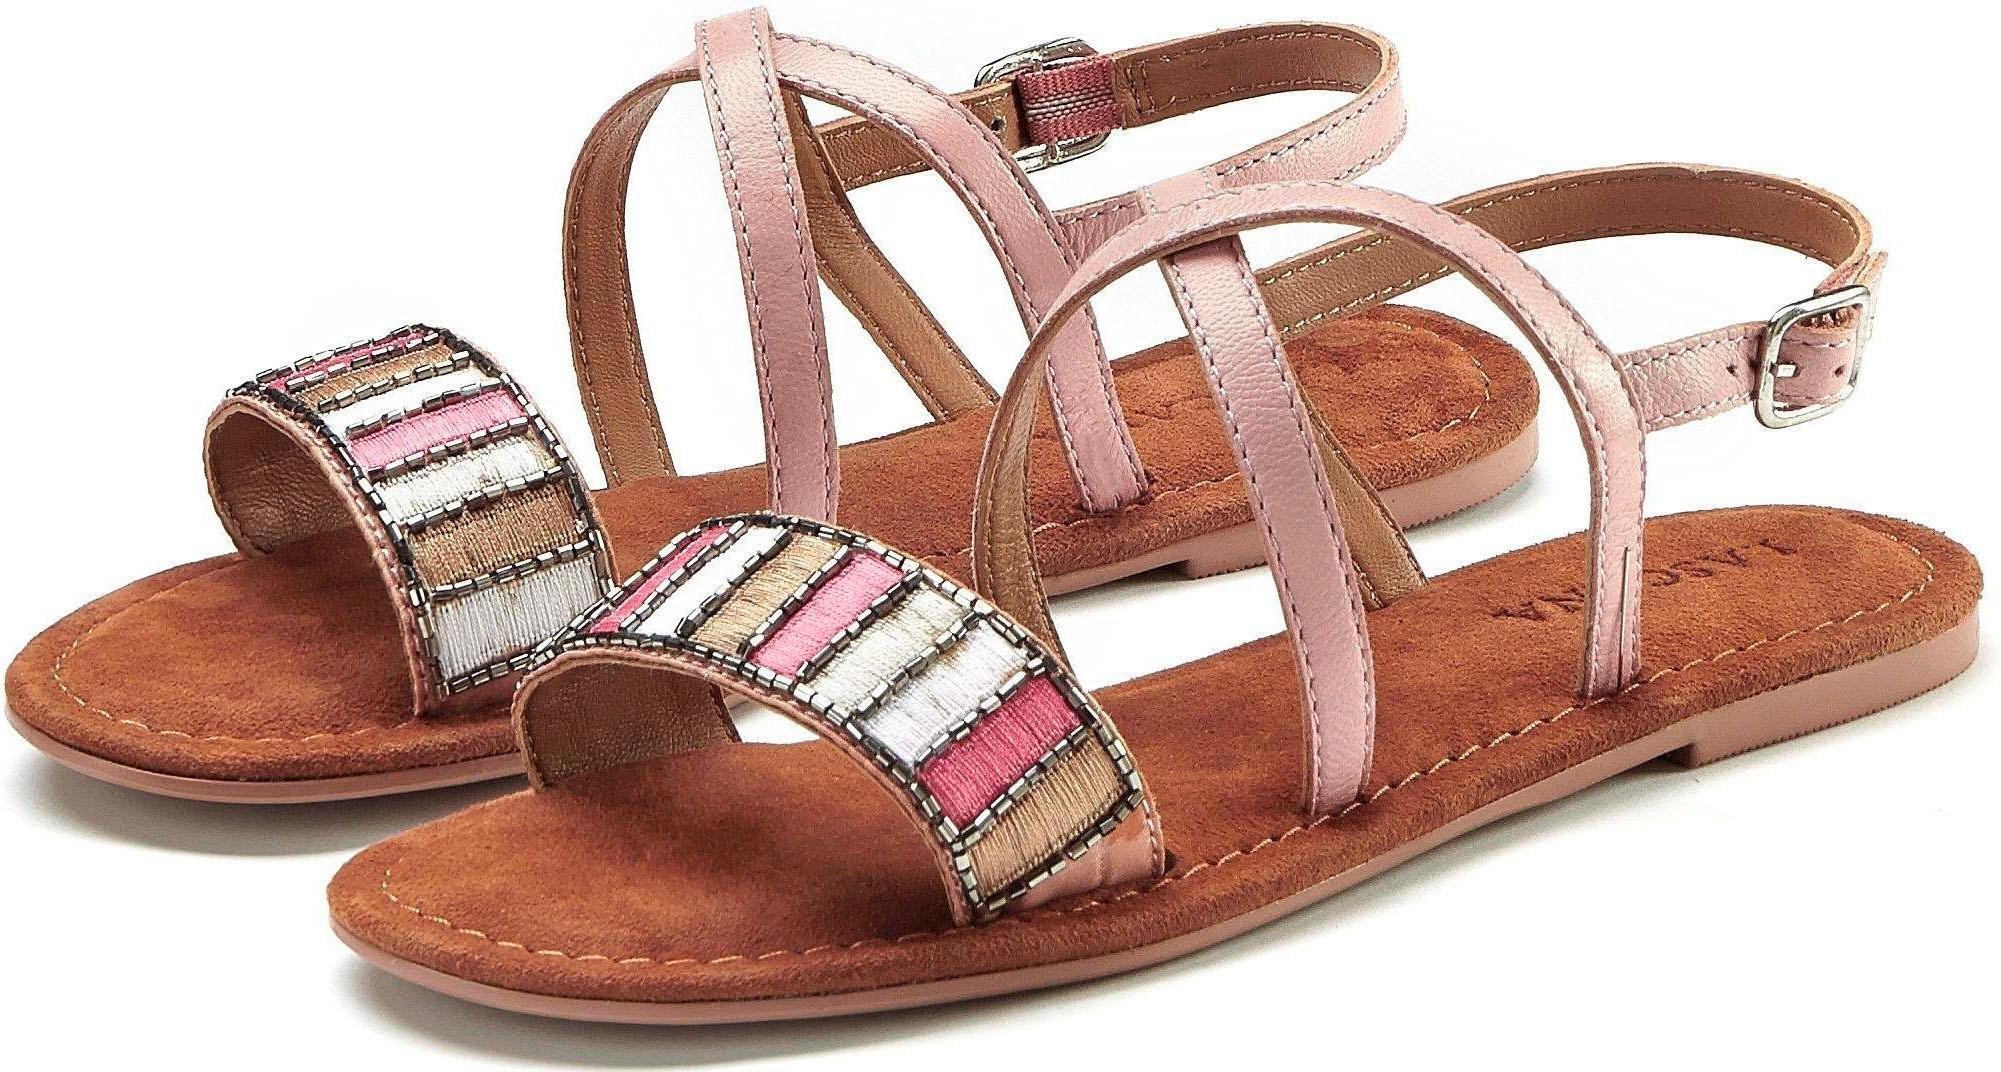 LASCANA sandalen nu online kopen bij OTTO